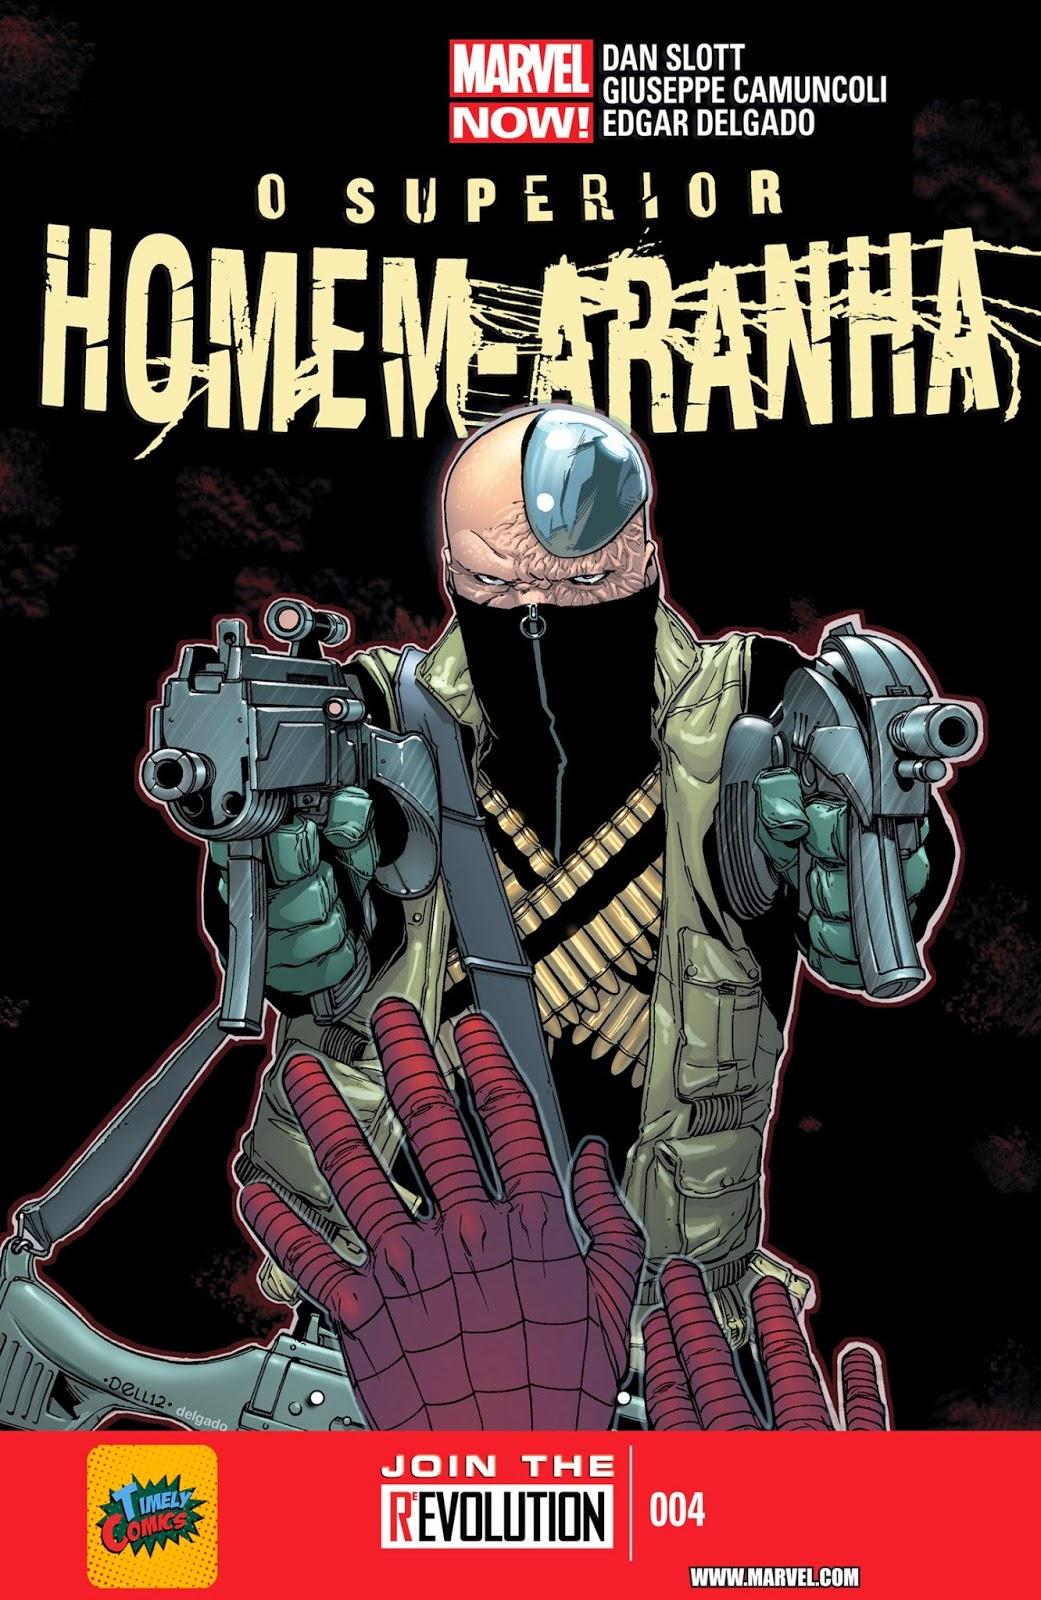 Nova Marvel! O Superior Homem-Aranha #4